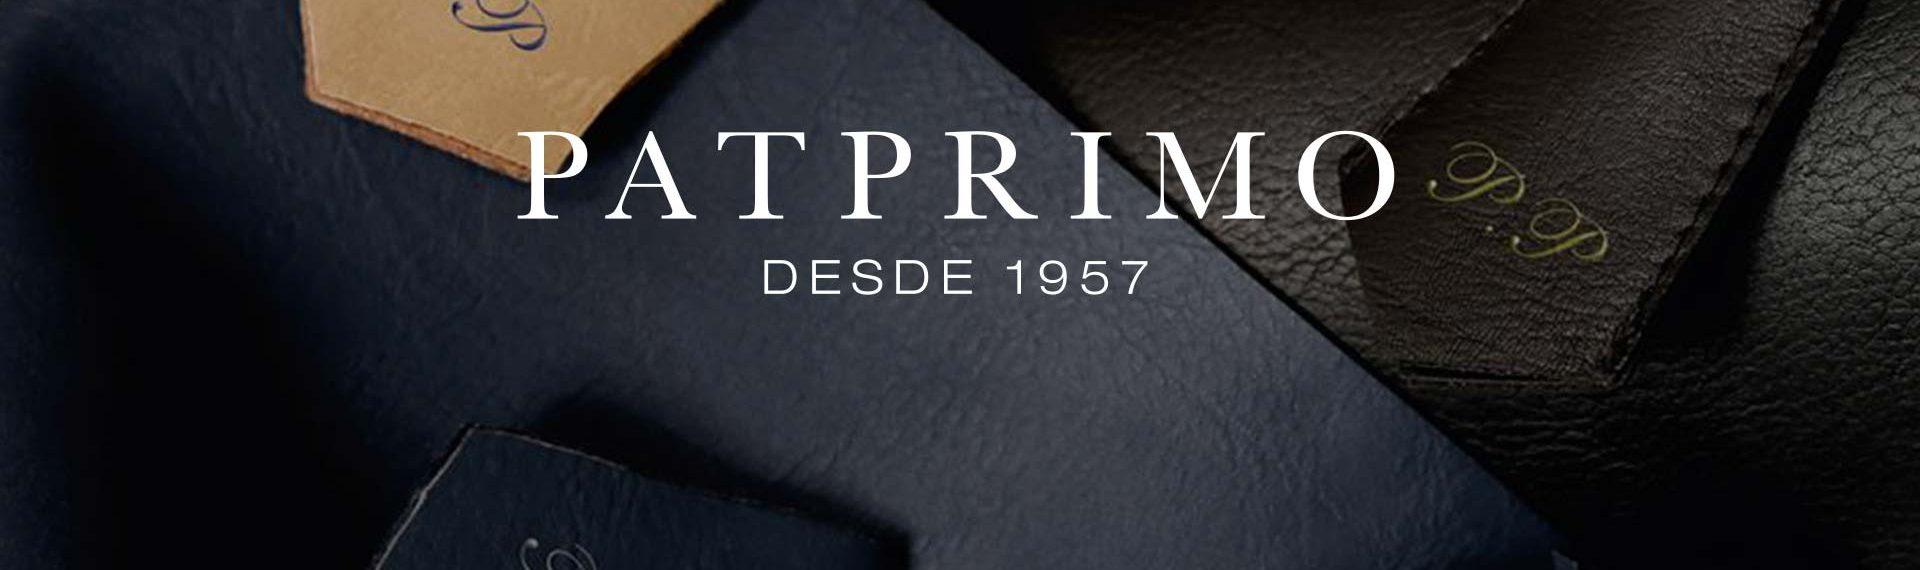 Patprimo - Club Intelecto